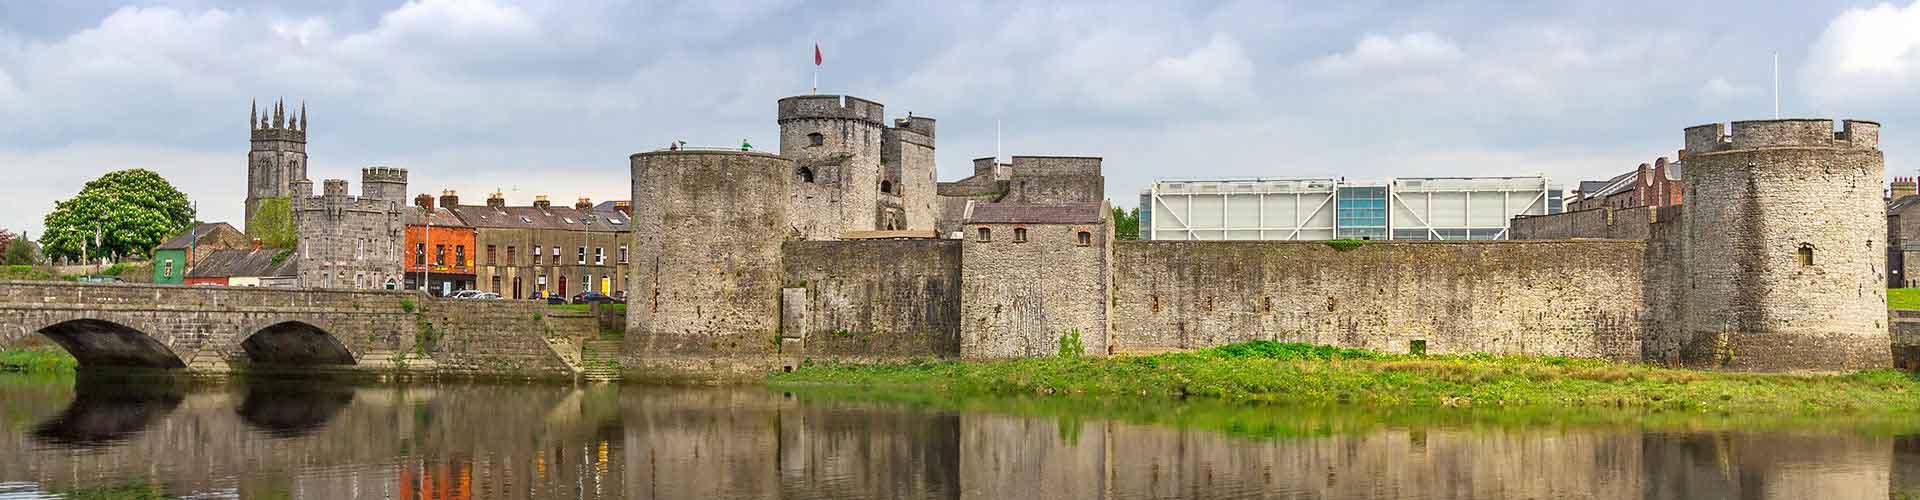 hostel irland karte Limerick   Hostels in Limerick   Herbergen.® Hostels